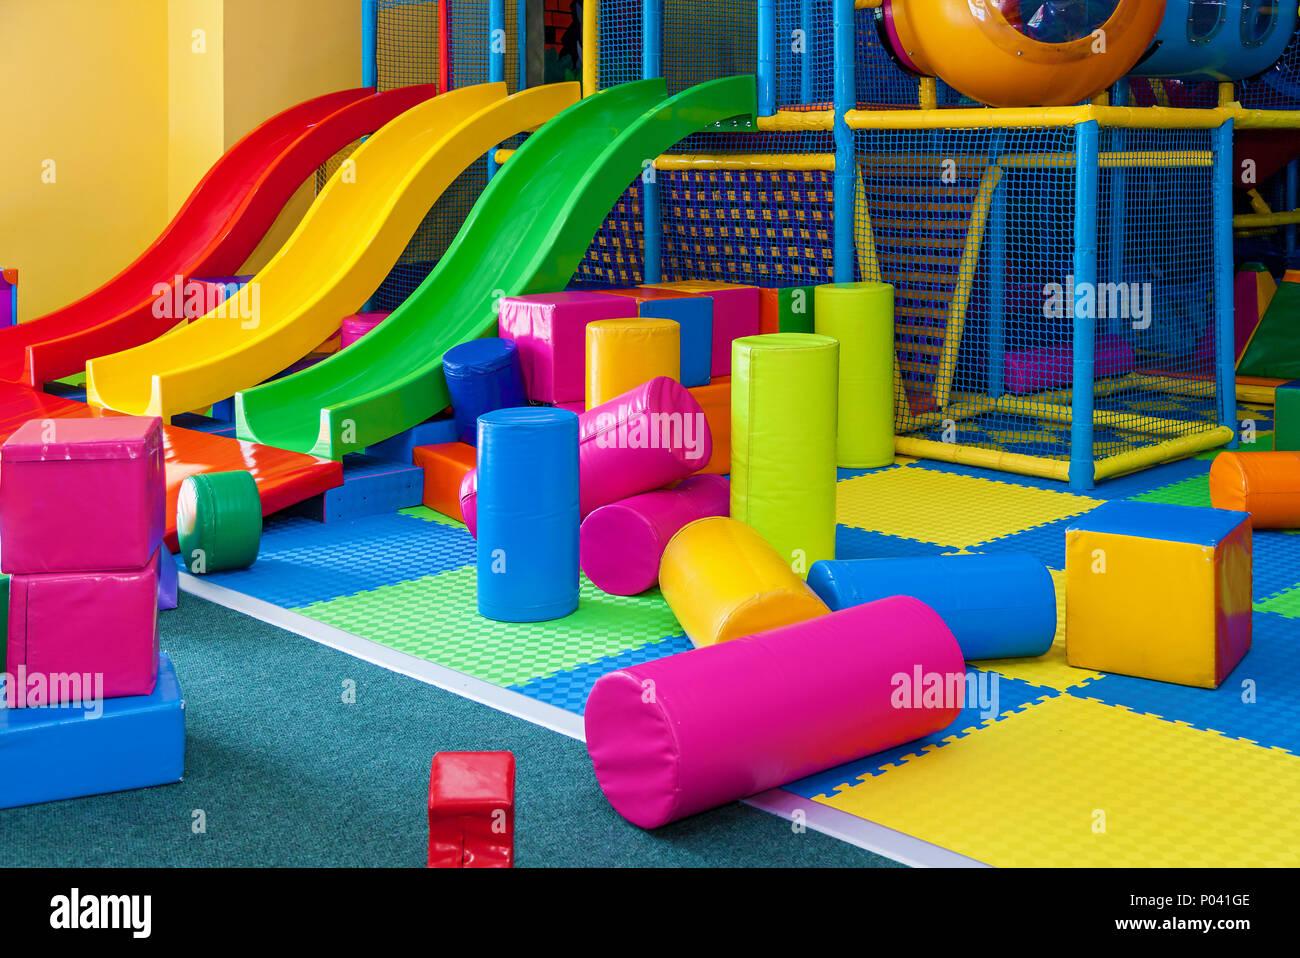 Sala Giochi Per Bambini : Interno di una sala giochi per bambini.empty sala giochi per i